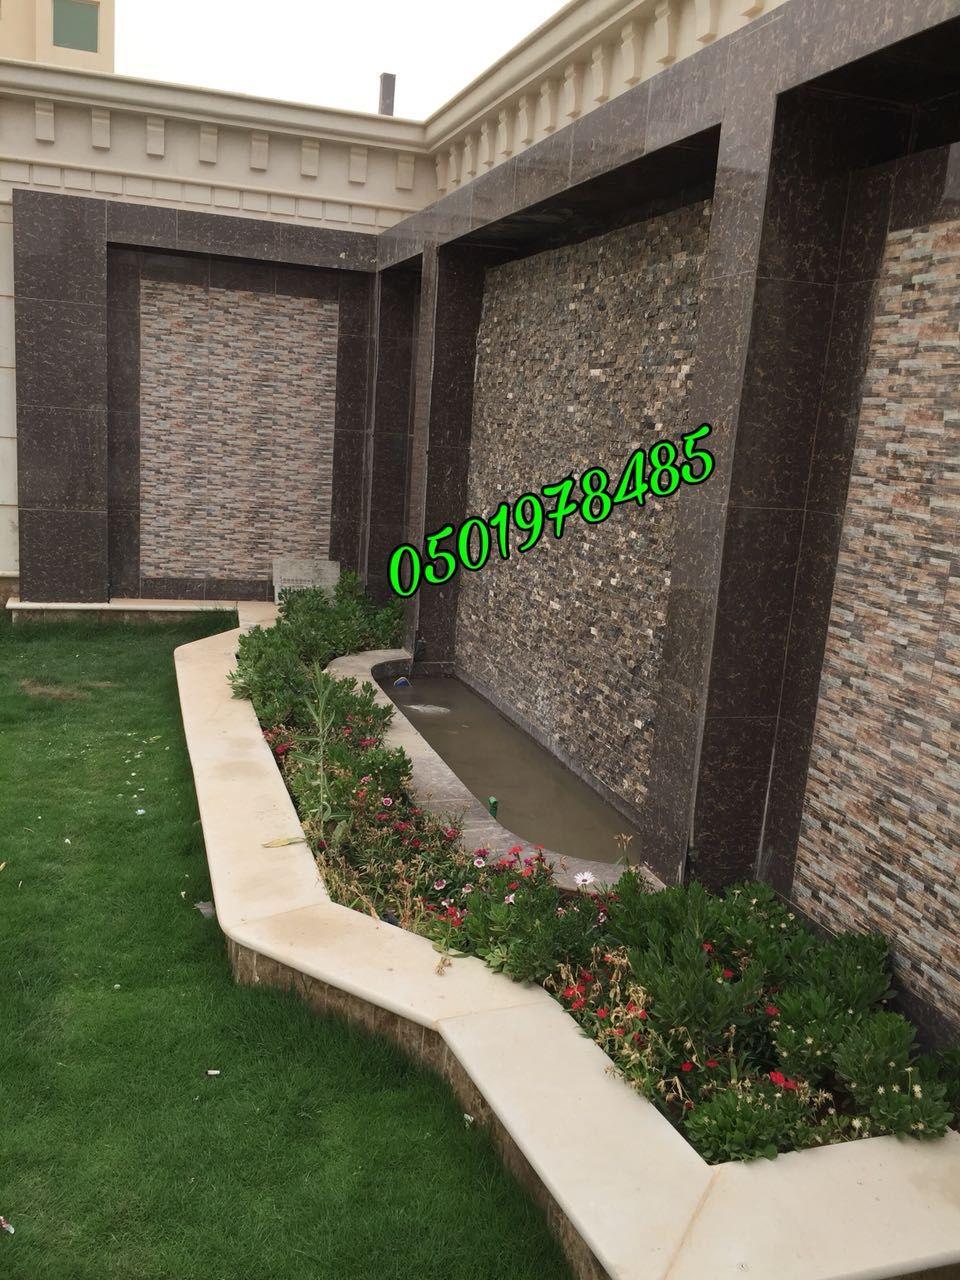 صور نافورات ماء صور شلالات مياه نوافير داخل المنزل صور نوافير منزليه صور نوافير منازل صور نوافير صور House Interior Home Interior Design Interior Design